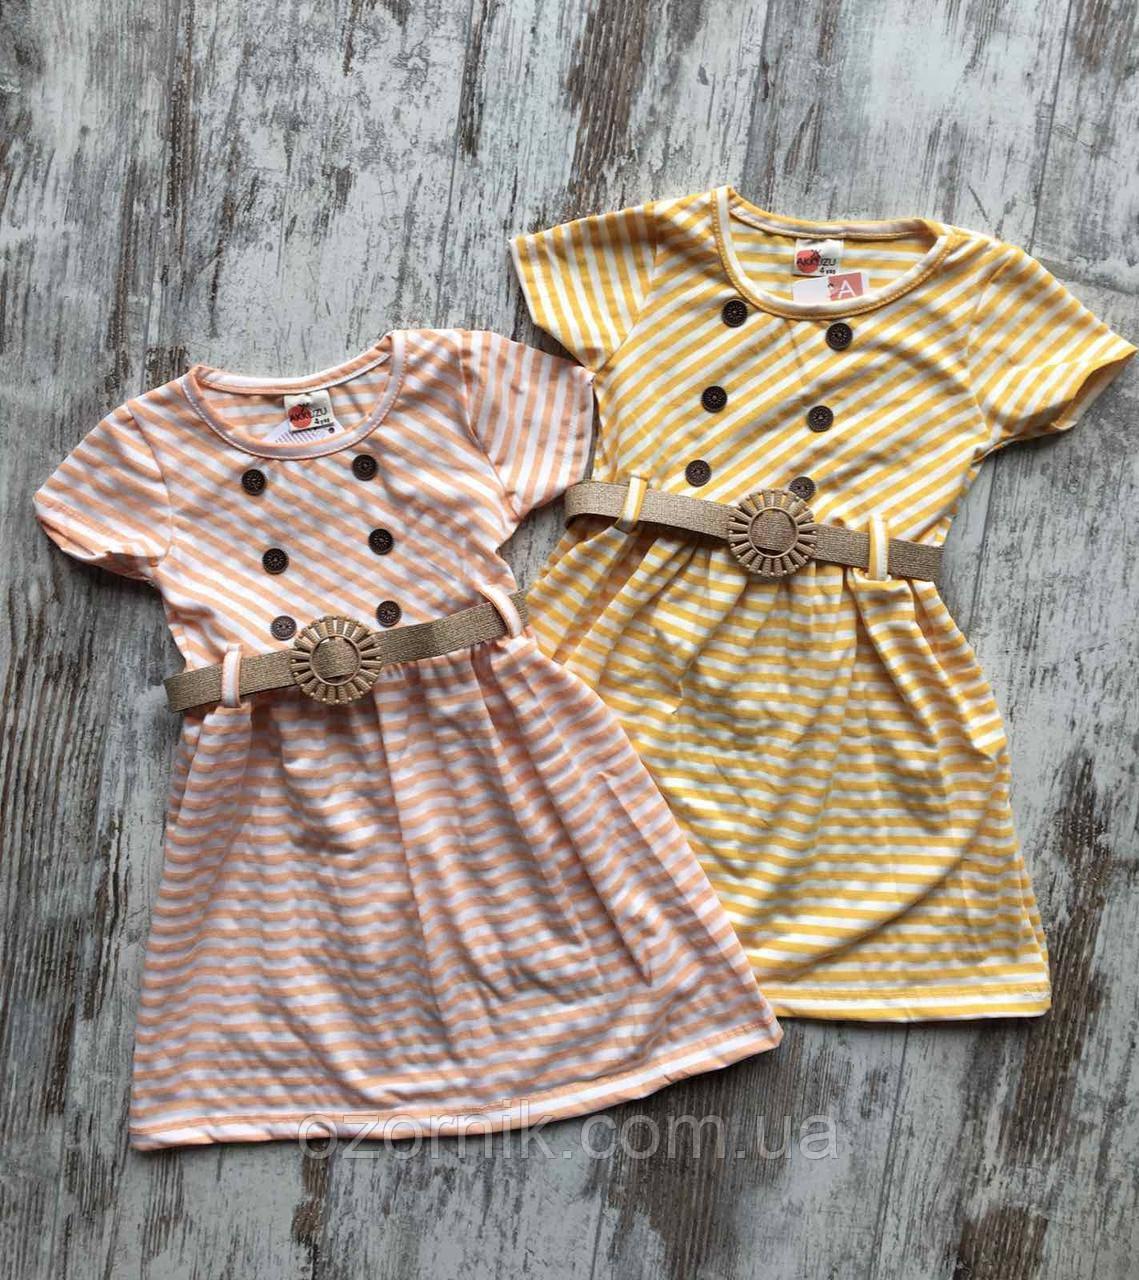 Оптом Детское Платье для Девочек в полоску 4-8 лет Турция